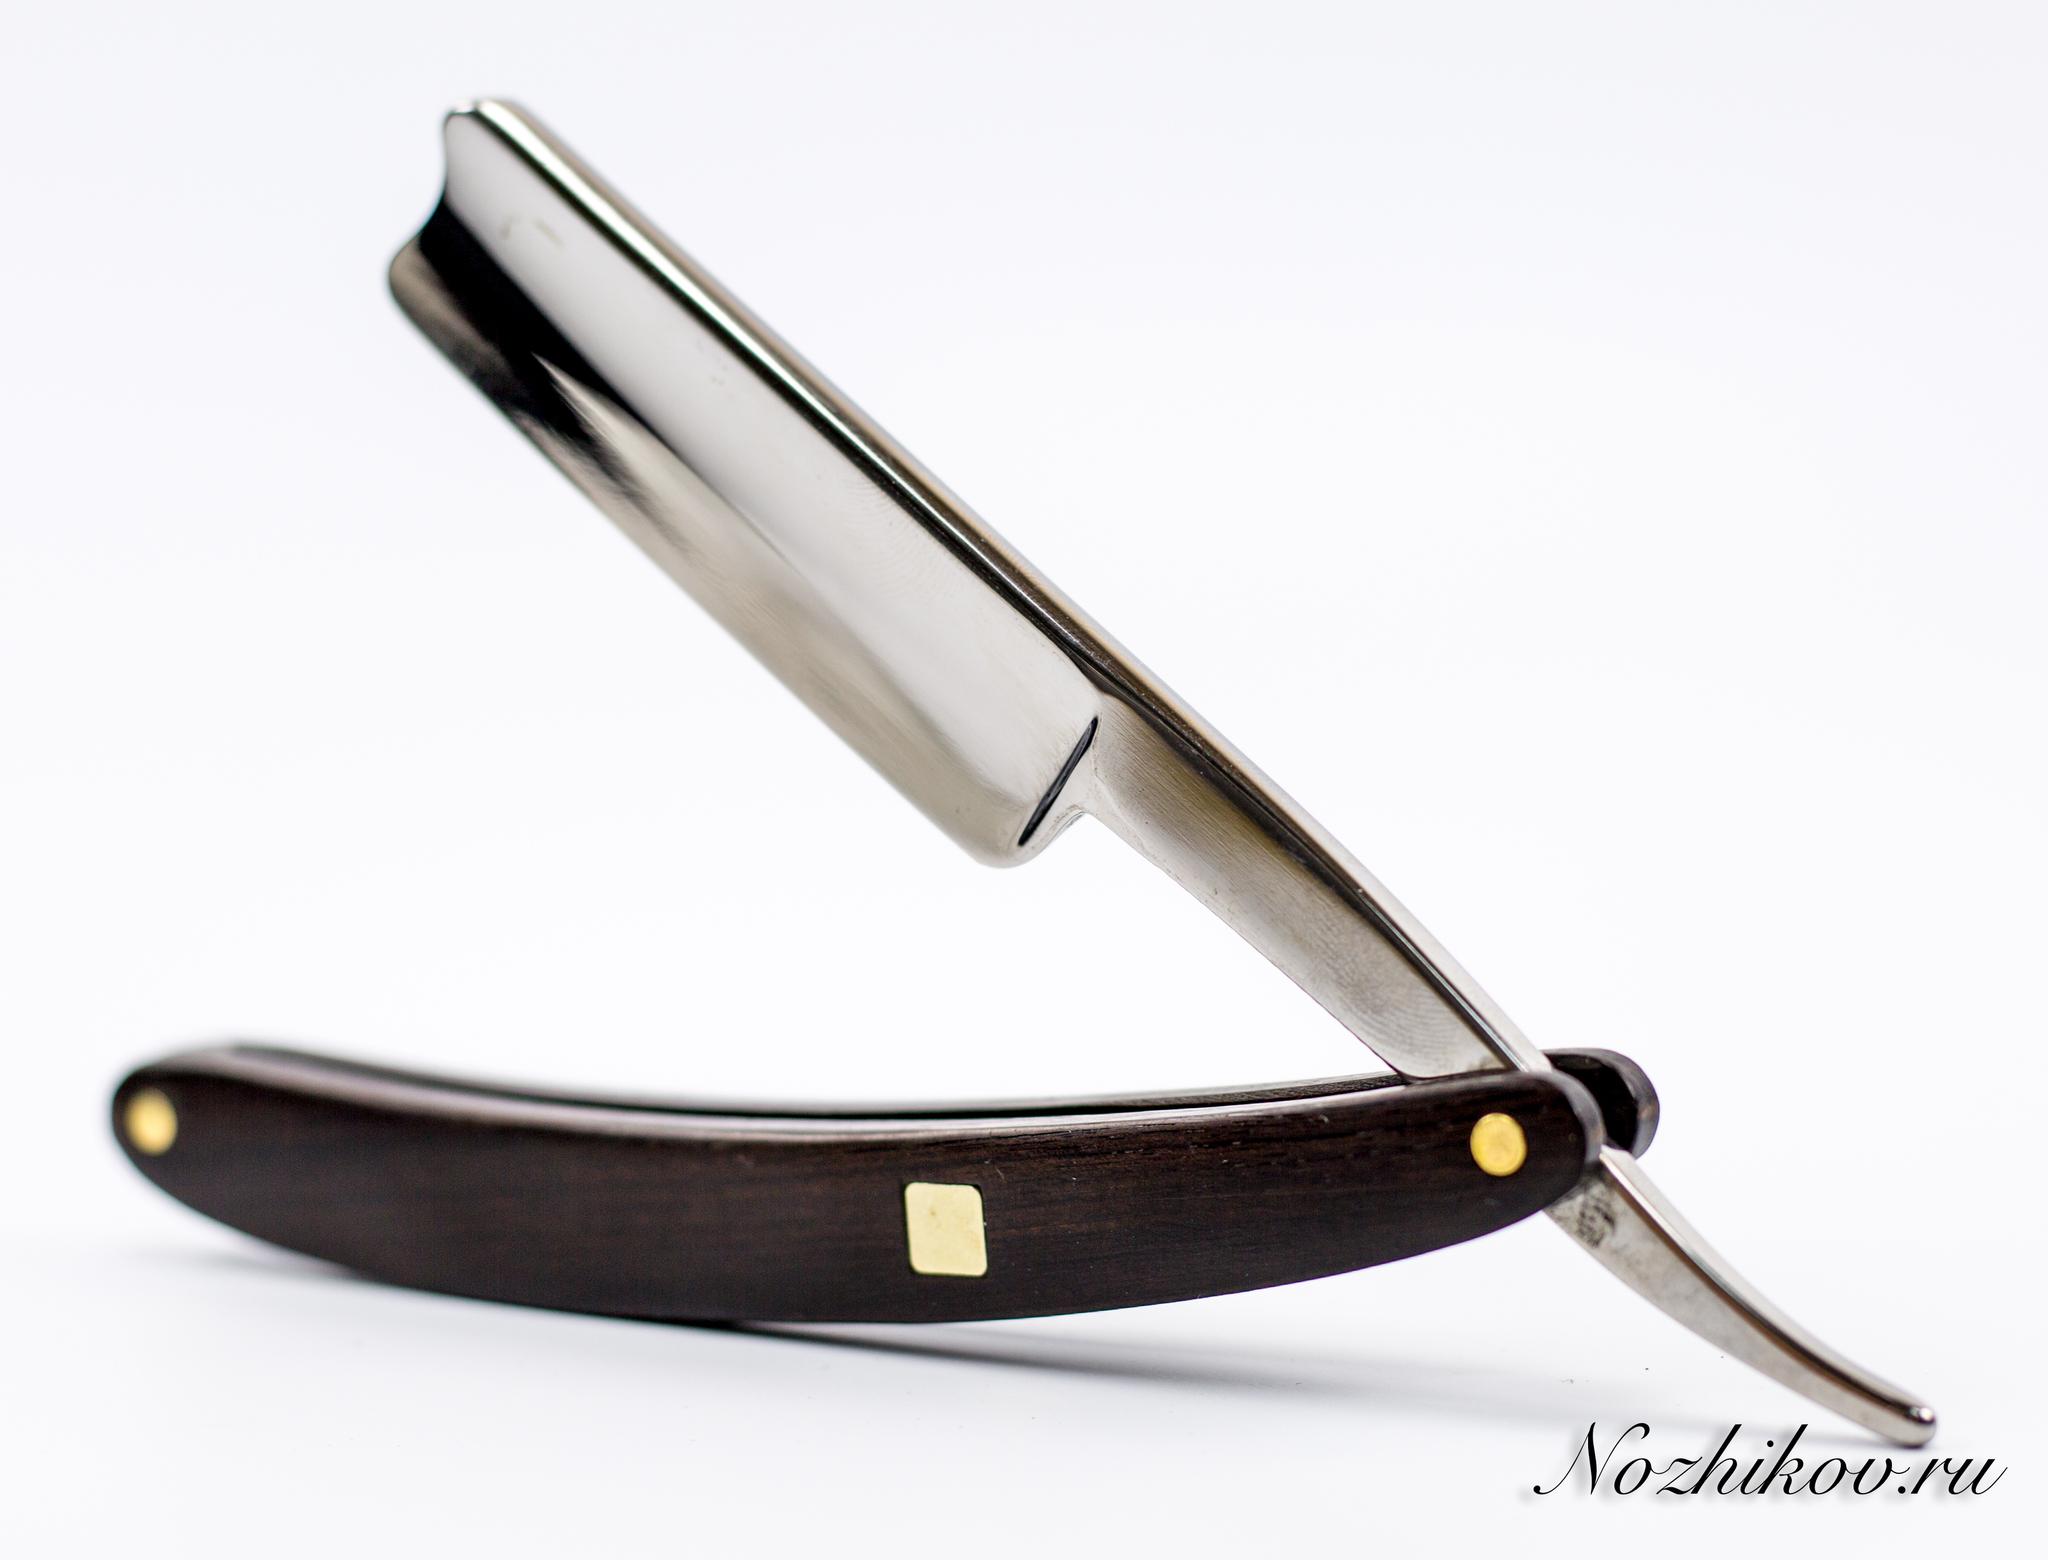 Опасная бритва Barber420<br>Oбщая длина- 260 мм Длина клинка- 110 мм Толщина клинка- 4,0 Сталь- 420Рукоять- дерево<br>